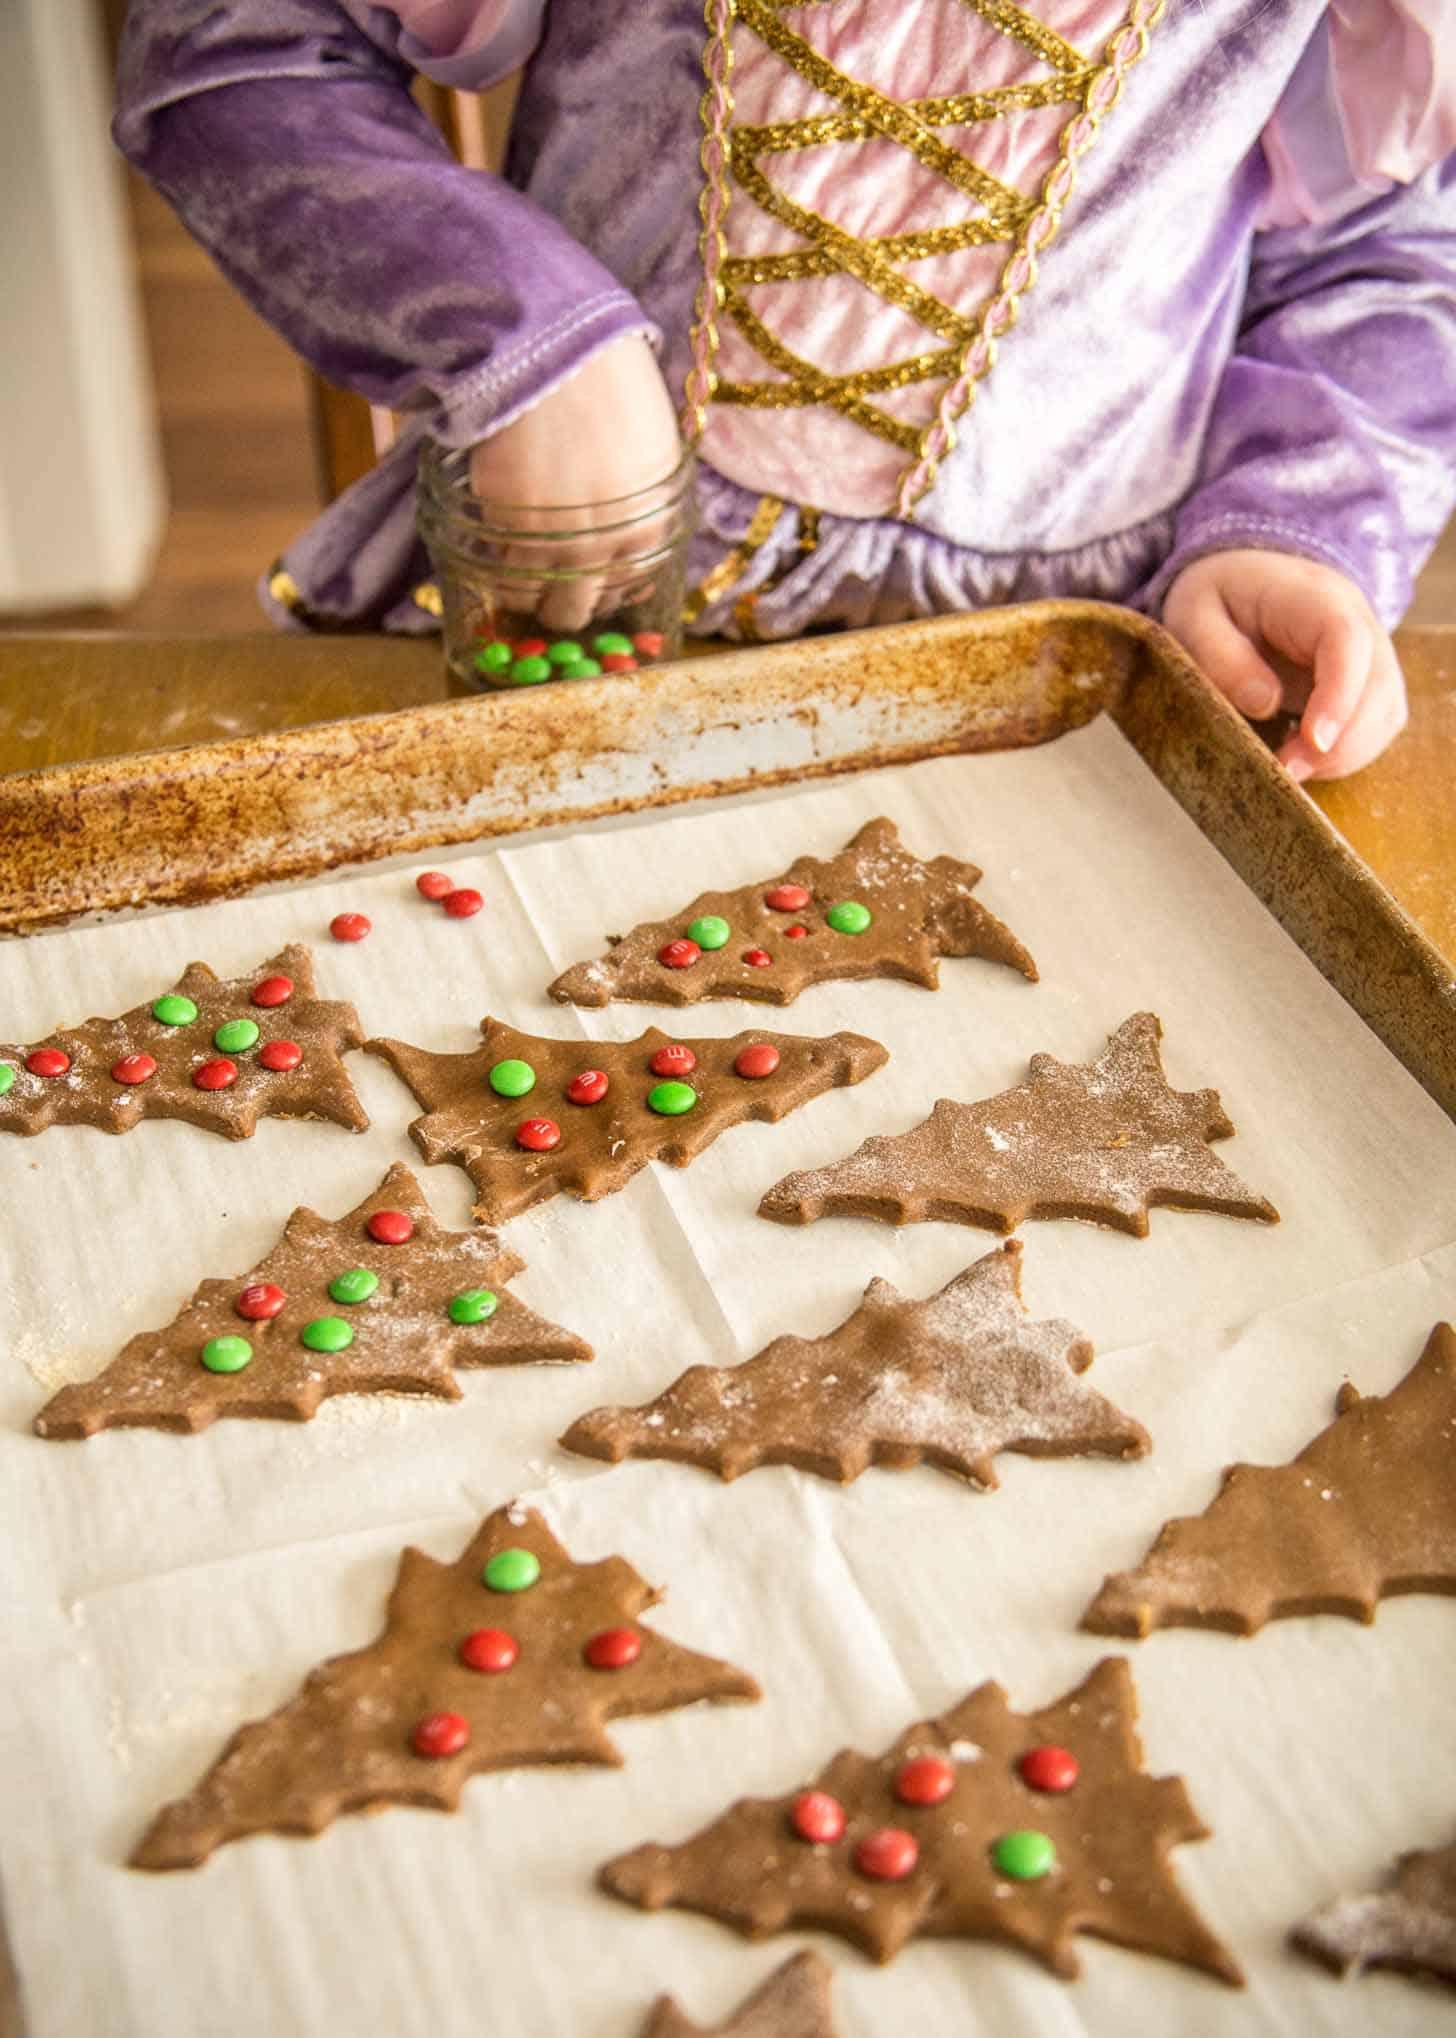 Baking Crisp Gingerbread Cookies